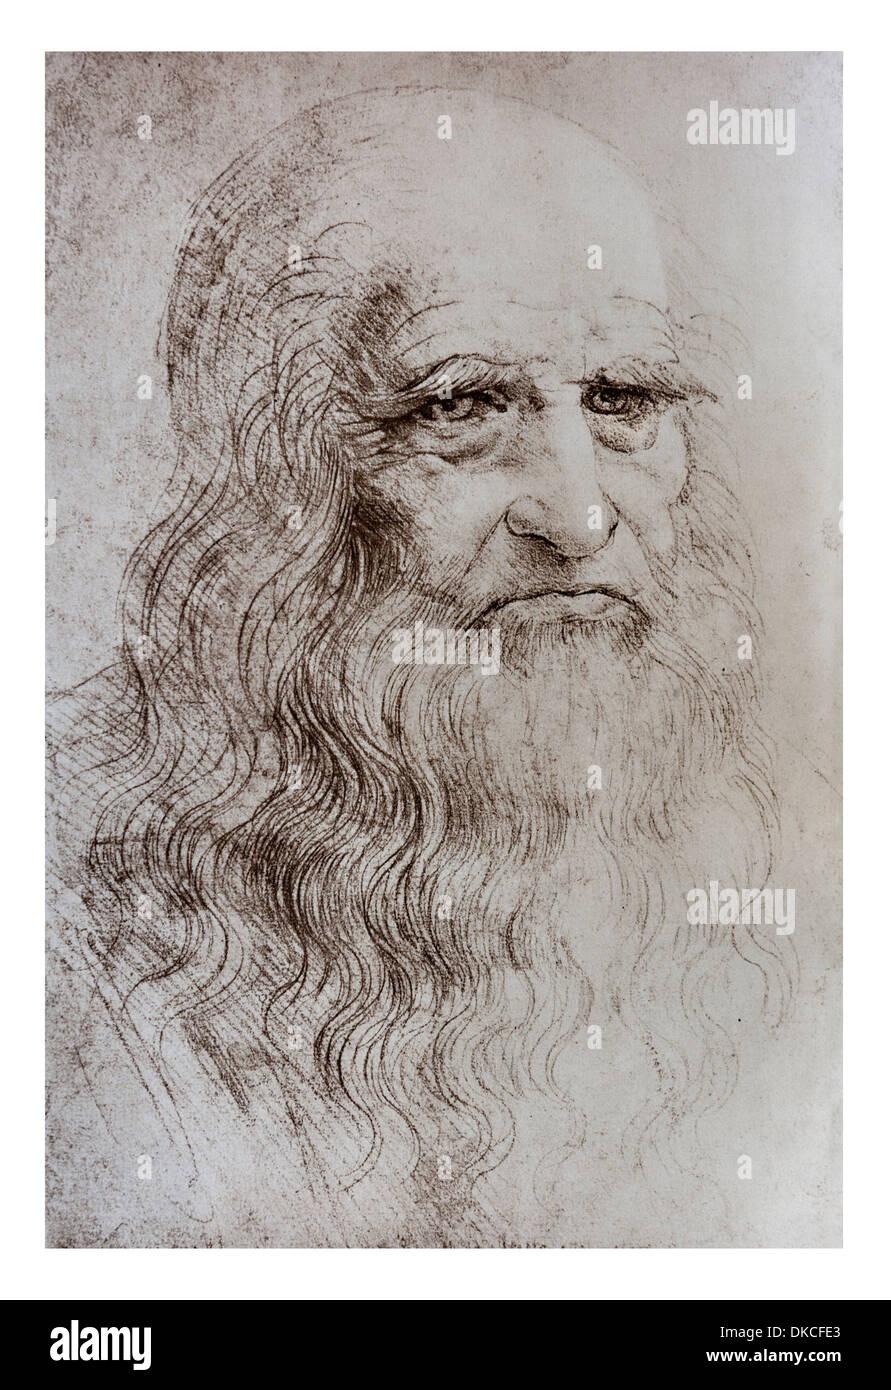 A Leonardo Da Vinci Self Portrait in Red chalk - Turin Royal LIbrary - Stock Image